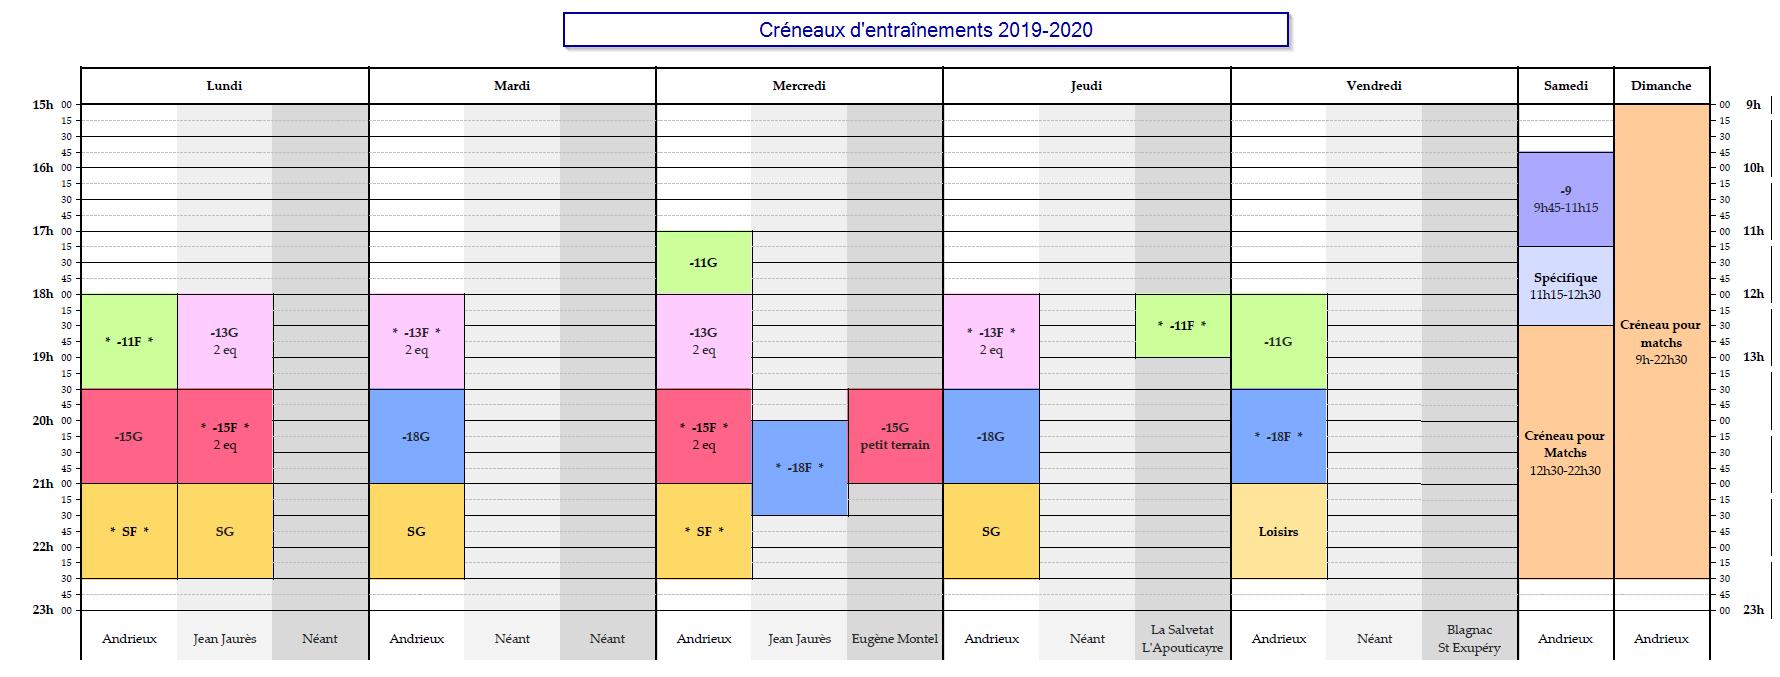 Créneaux provisoires 2019-2020